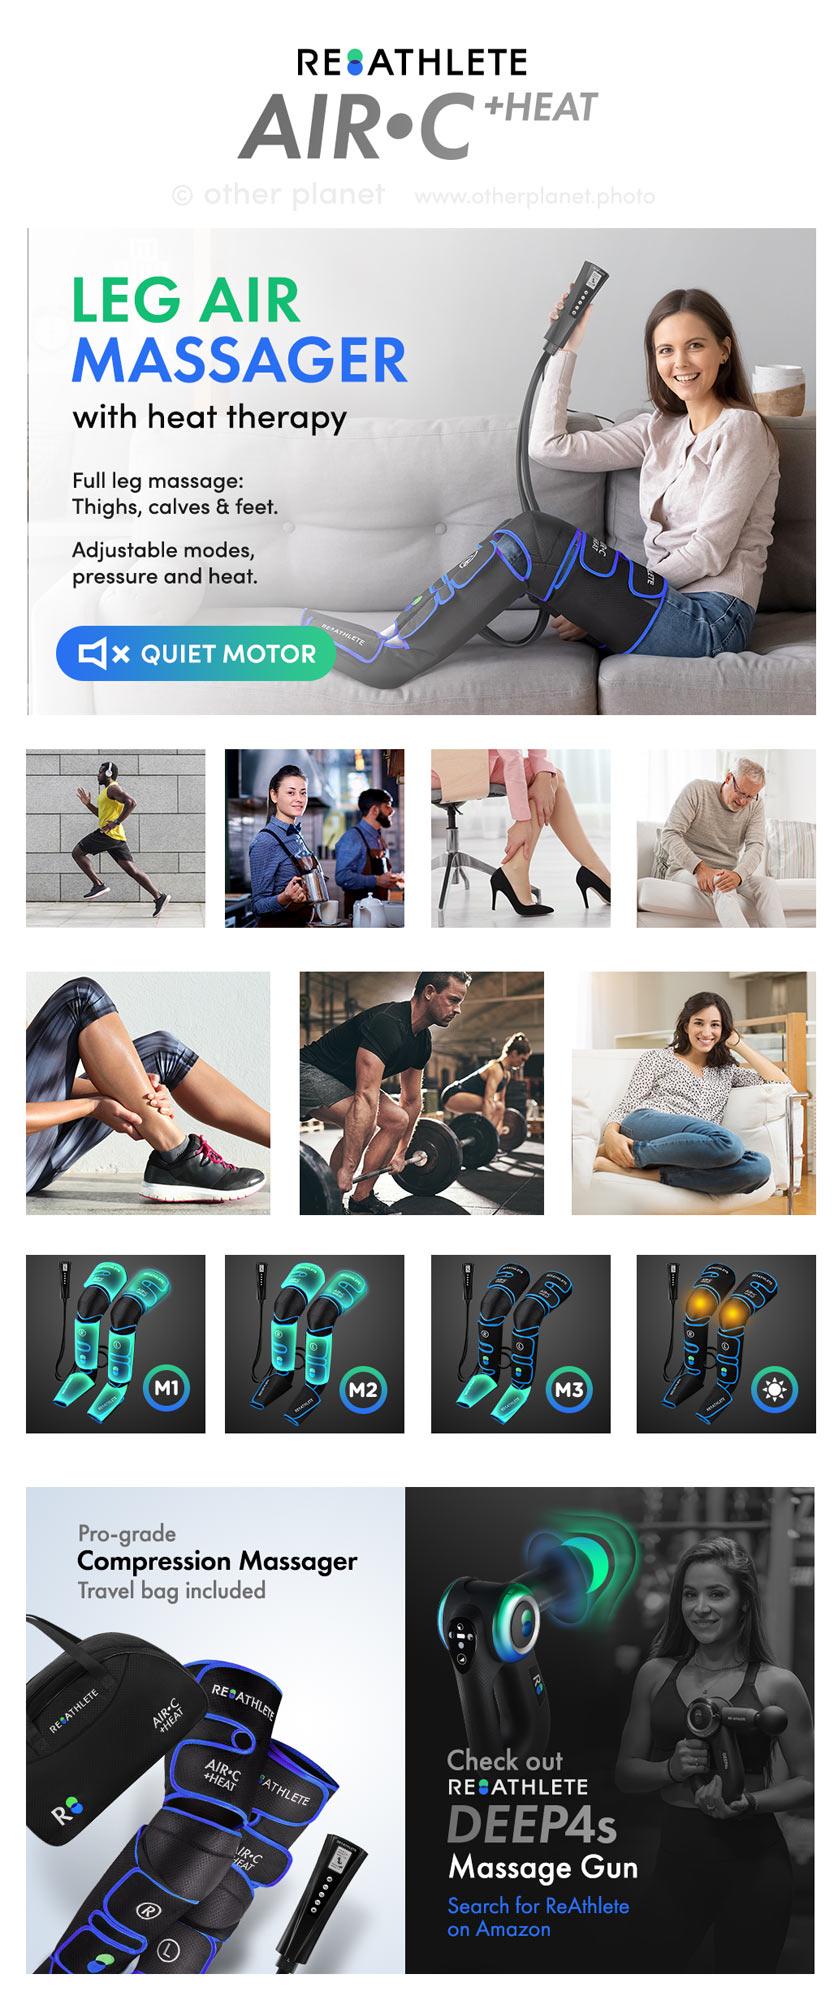 amazon fba photos for EBC of Leg Air Massager